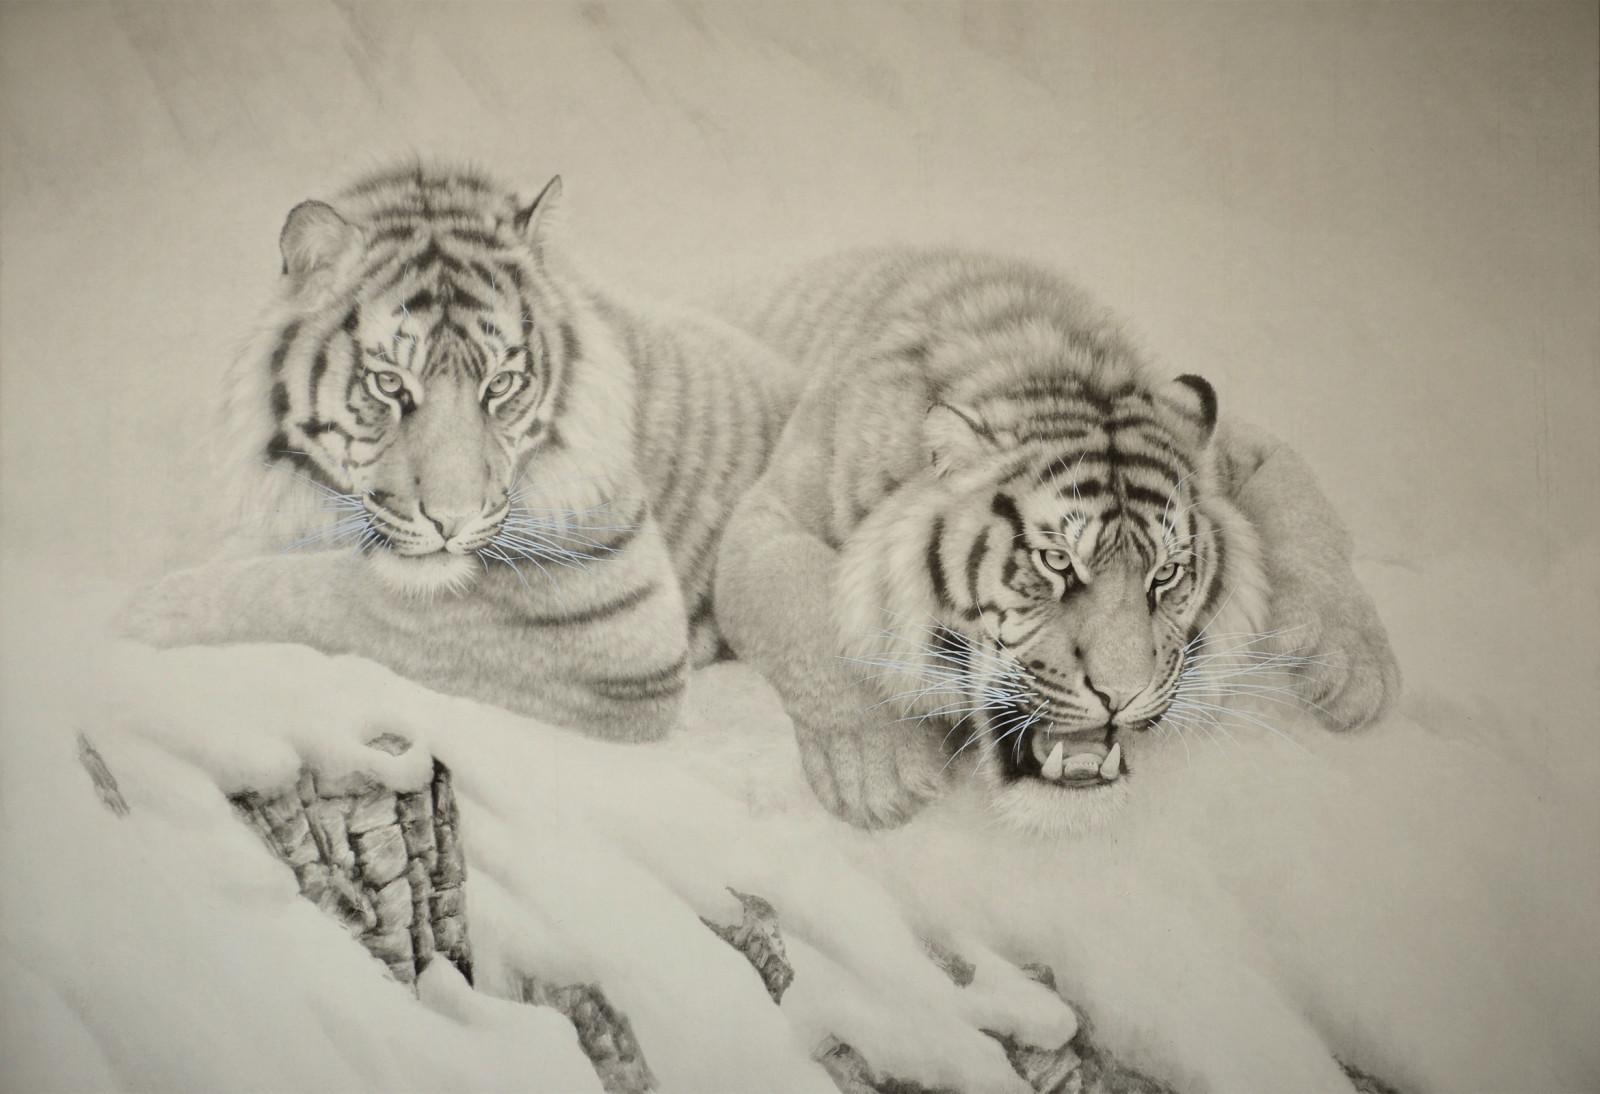 在当今画坛上以动物为题材创作的画家很多,可谓各具特色,表现手法上也都有各自的绝活。中国传统绘画中表现动物的杰出艺术家们大多以牛、马为主要对象,现代齐白石画虾出神入化 徐悲鸿画马活灵活现,真正涉及到相对生猛而暴戾的虎、豹、豺、狼的题材表现也呈递增之势。高泽海先生就是其中一员。他的动物题材作品有他独到的艺术感觉,形成他融写意和工笔于一体的艺术风格,他笔下的猛虎威武但很可爱,雄狮昂然矗立,壮硕而威严,令观者叹为观止。那是一种大气、奔放、开阔、高远的境界,纯绵裹铁,虚实相生。